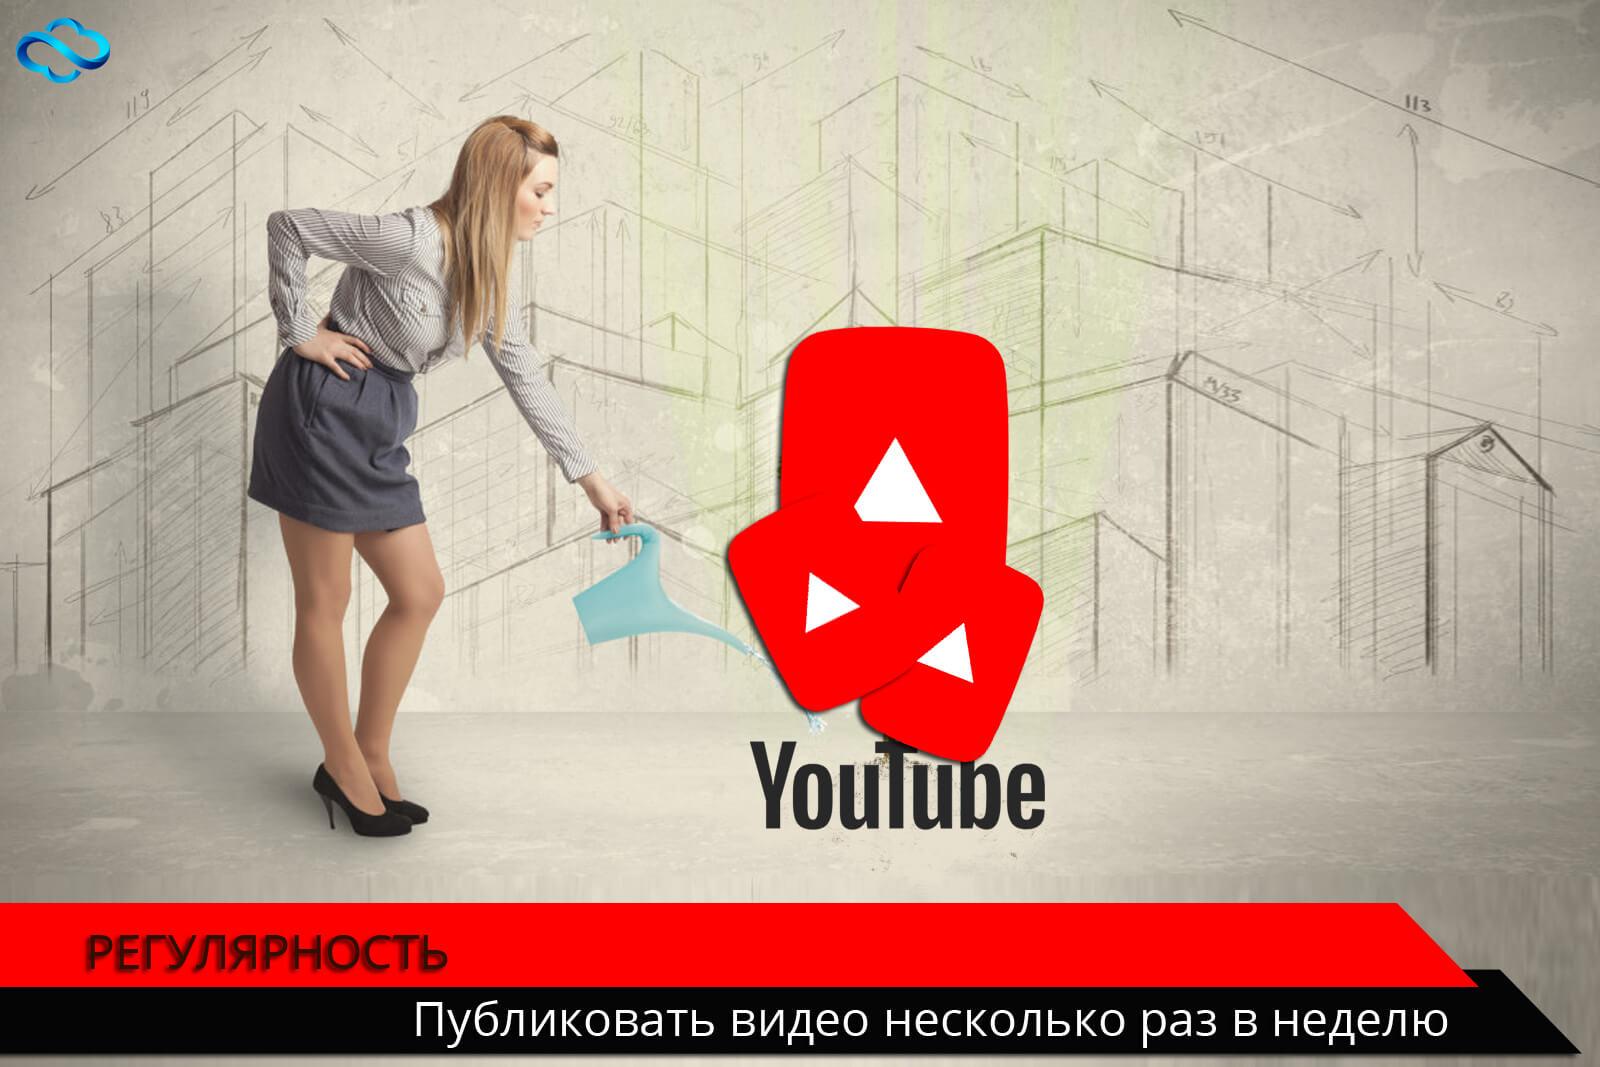 Регулярность-путь к продвижению своего YouTube канала